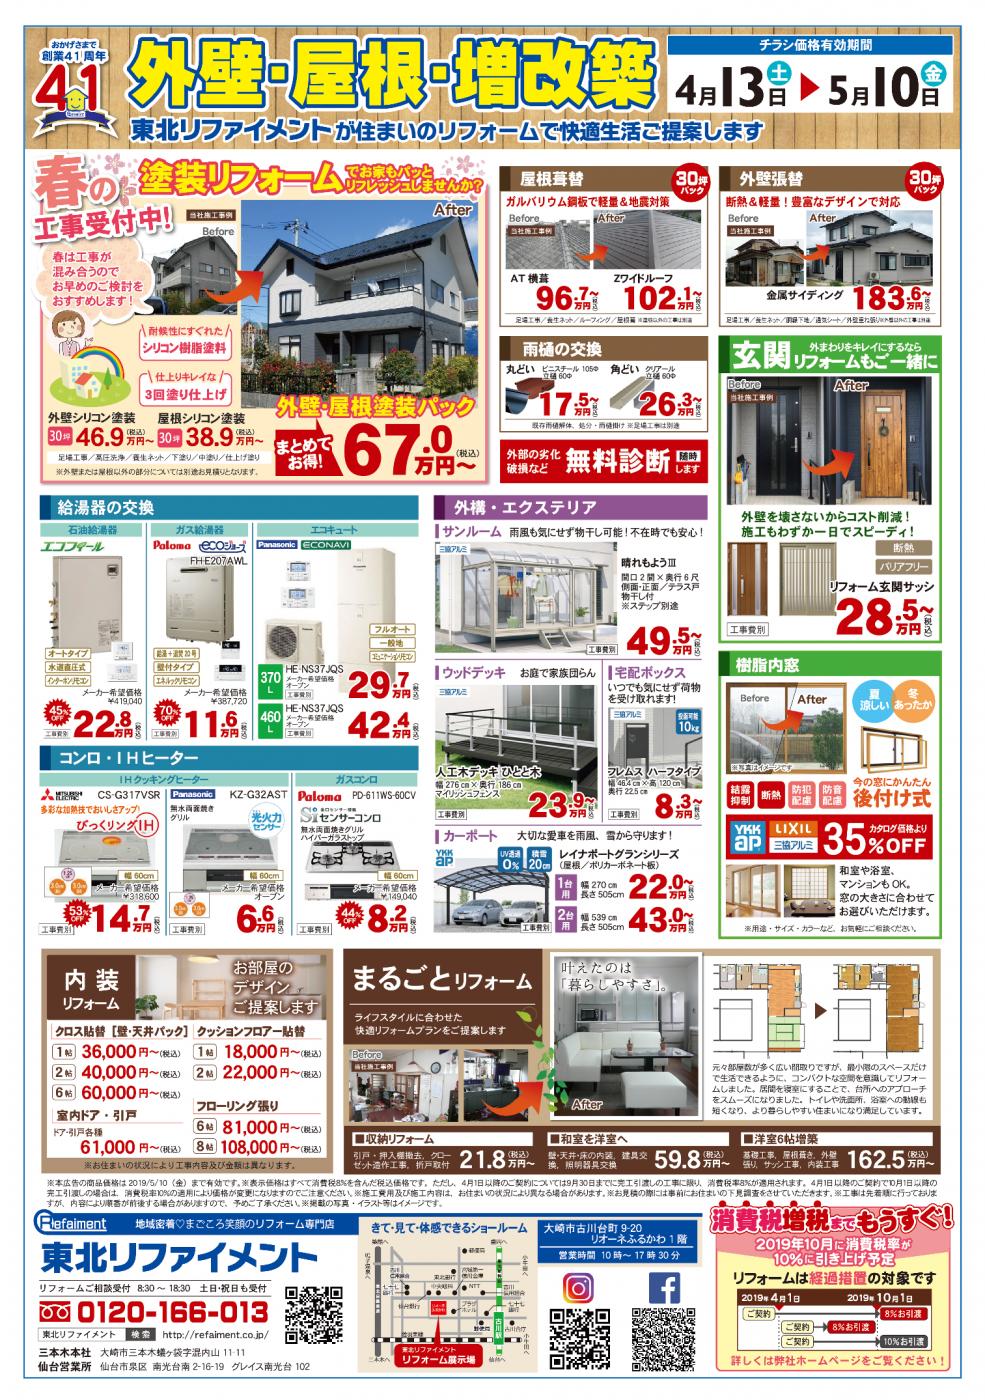 広告(2019_04_13~05_10) 春リフォームフェア B4 OTL